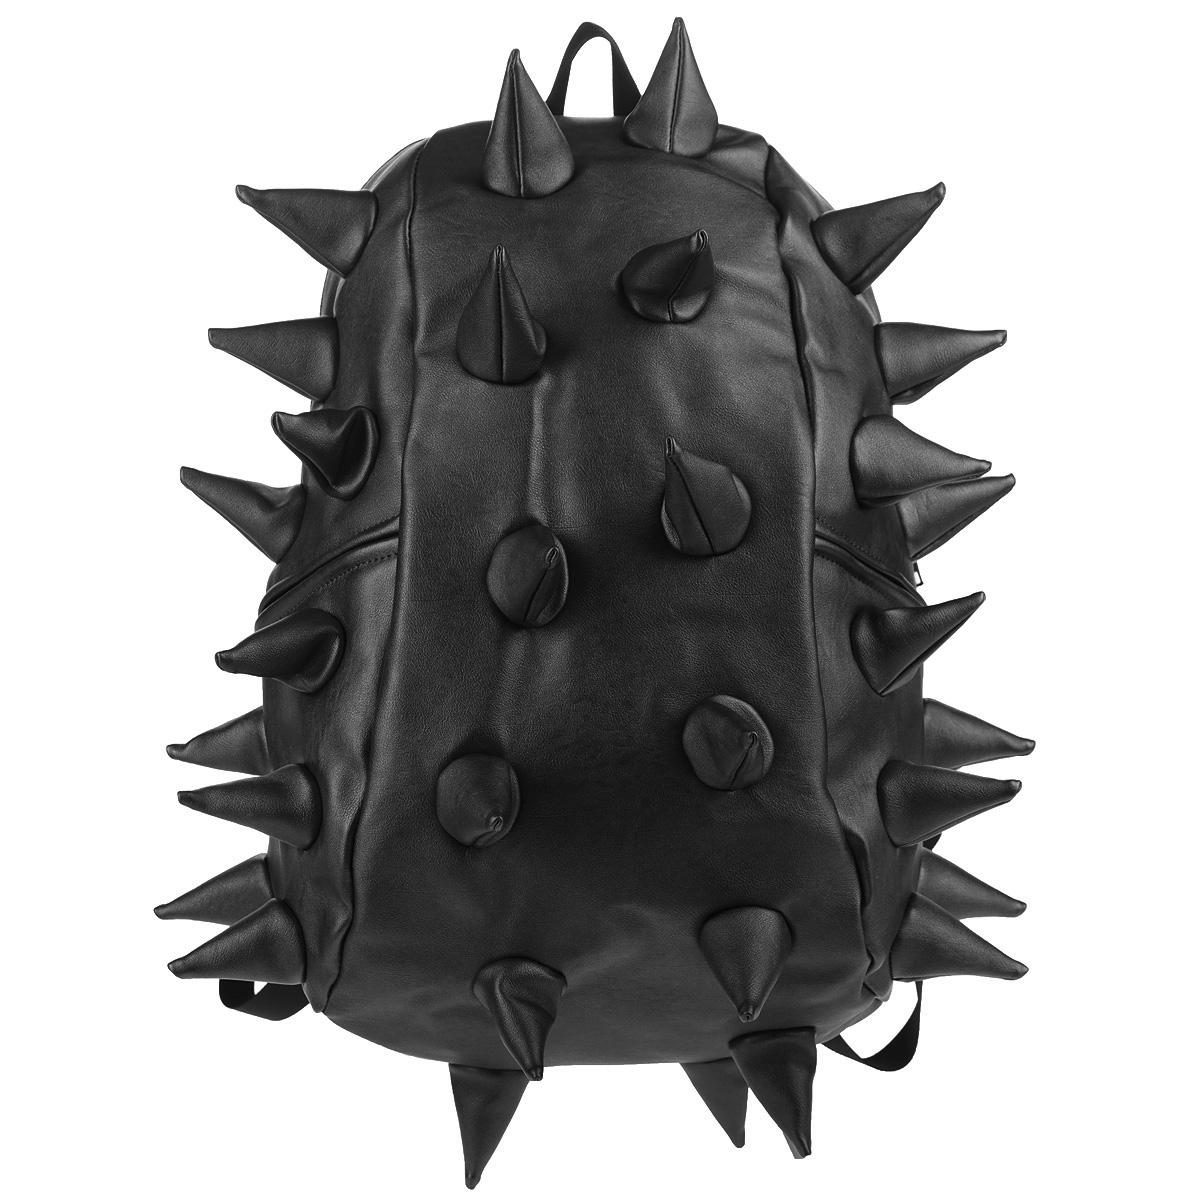 """Рюкзак городской MadPax Rex Full. Heavy Metal Spike, цвет: черный, 27 лRivaCase 8460 aquamarineГородской рюкзак MadPax Rex Full. Heavy Metal Spike - это стильный и практичный аксессуар, который станет незаменимым в ритме большого города. Верх рюкзака выполнен из 100% полиуретана с эффектом металлического глянца, шипы придают изделию неповторимый дизайн. Подкладка изготовлена из нейлона. Рюкзак имеет одно основное отделение на застежке-молнии. Размер Full позволяет поместить внутрь ноутбук с диагональю экрана 17"""", для этого предусмотрен специальный отдел с мягкими стенками, закрывающийся хлястиком на липучку. Также внутри содержится небольшой карман на молнии. Снаружи по бокам у рюкзака два кармана на молнии для разных мелочей. Сзади расположен кармашек из прозрачного ПВХ для визитки.Модель оснащена ручкой для переноски в руке, а также широкими плечевыми лямками с многослойной структурой, которые можно регулировать по длине. Специальная застежка-крепление соединяет и фиксирует лямки в районе груди, это позволяет равномерно распределить нагрузку на плечи и спину при максимальной загрузке рюкзака. Мягкая ортопедическая спинка создает дополнительный комфорт вашей спине и делает ношение рюкзака более удобным. MadPax - это крутые рюкзаки в стиле фанк, которые своим неповторимым дизайном бросают вызов монотонности и скуке. Эти уникальные рюкзаки помогают детям всех возрастов самовыражаться, а их внутренняя структура с отделениями, карманами и застежками-молниями делает их невероятно практичными."""